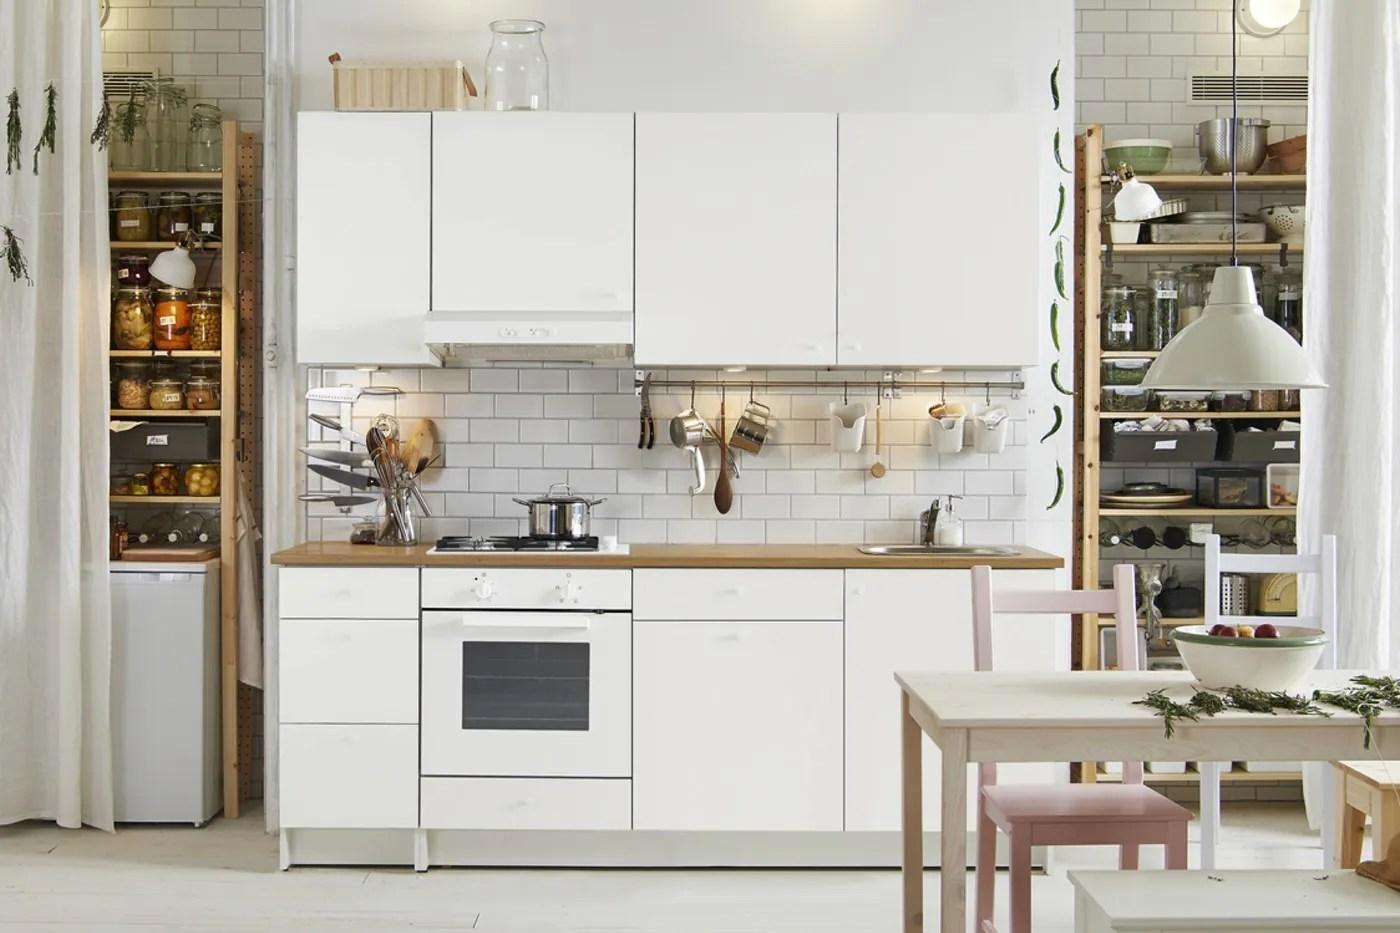 Kchenplanung Selbst oder vom Profi planen lassen  IKEA